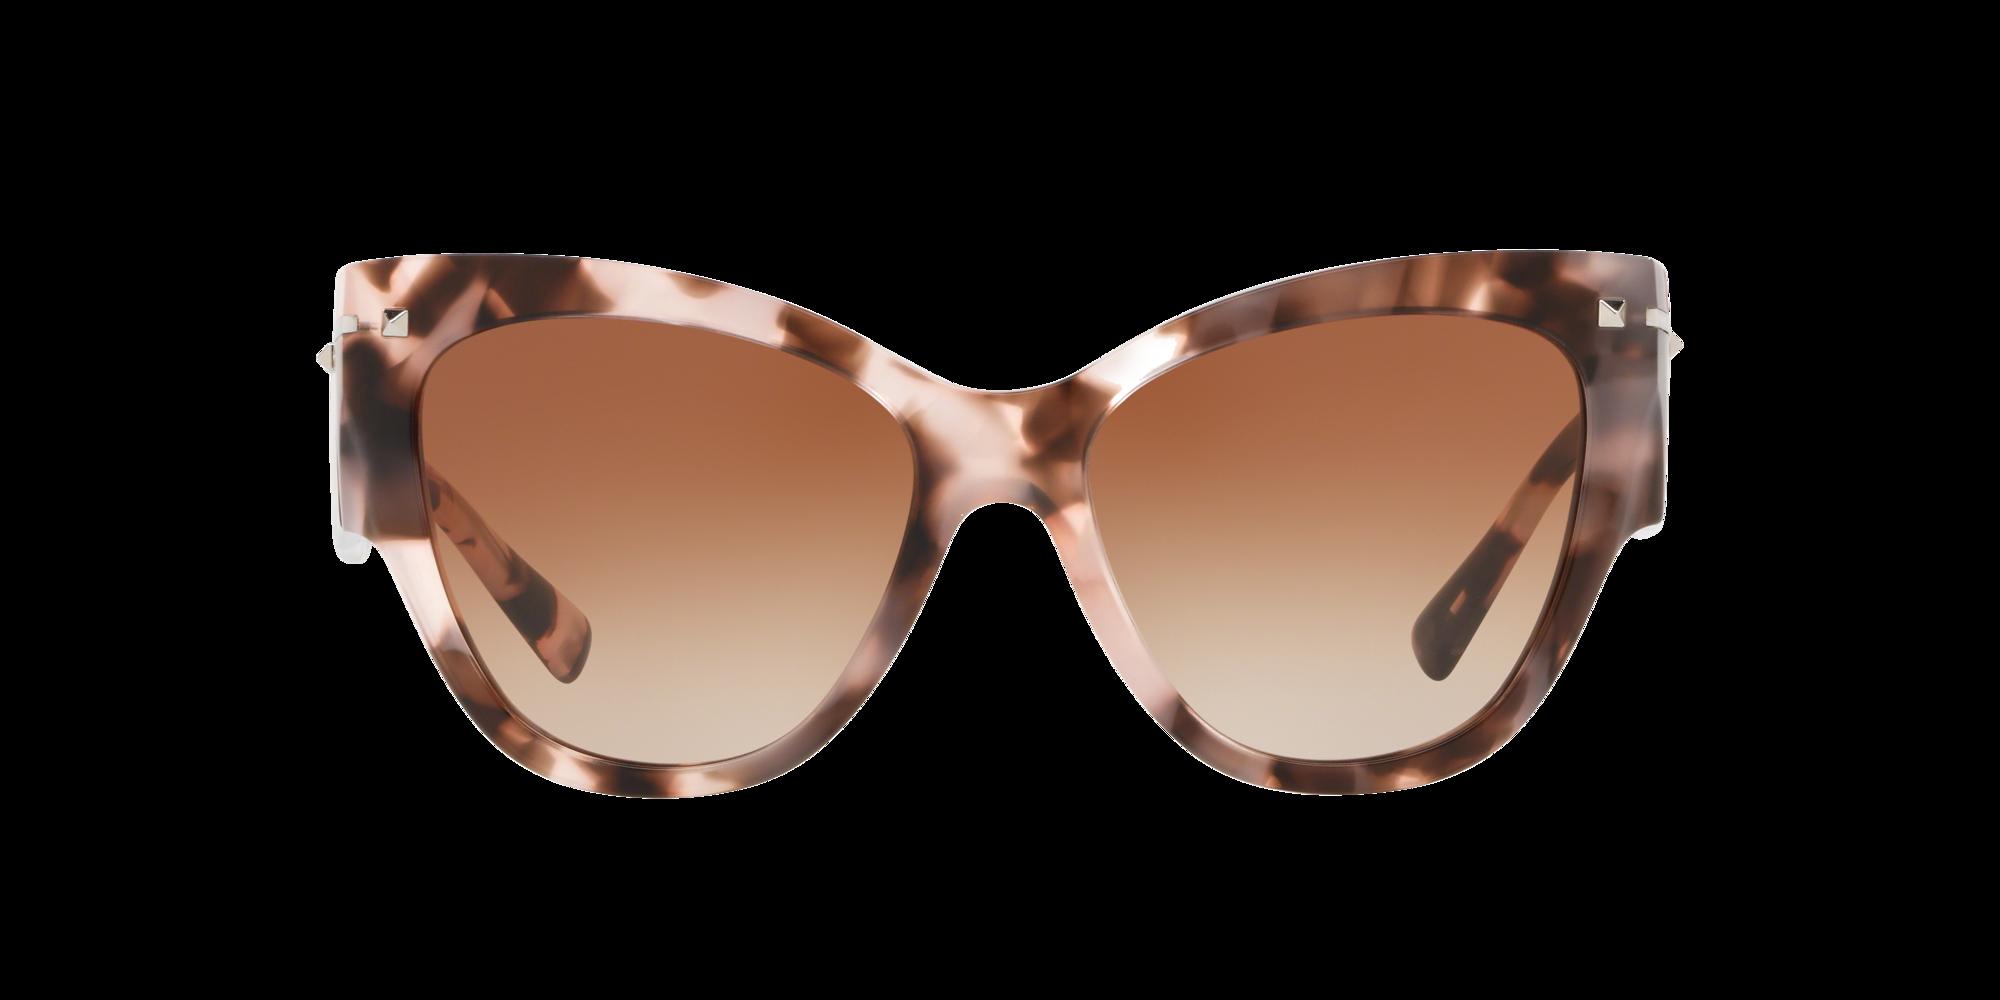 Imagen para VA4028 55 de LensCrafters    Espejuelos, espejuelos graduados en línea, gafas